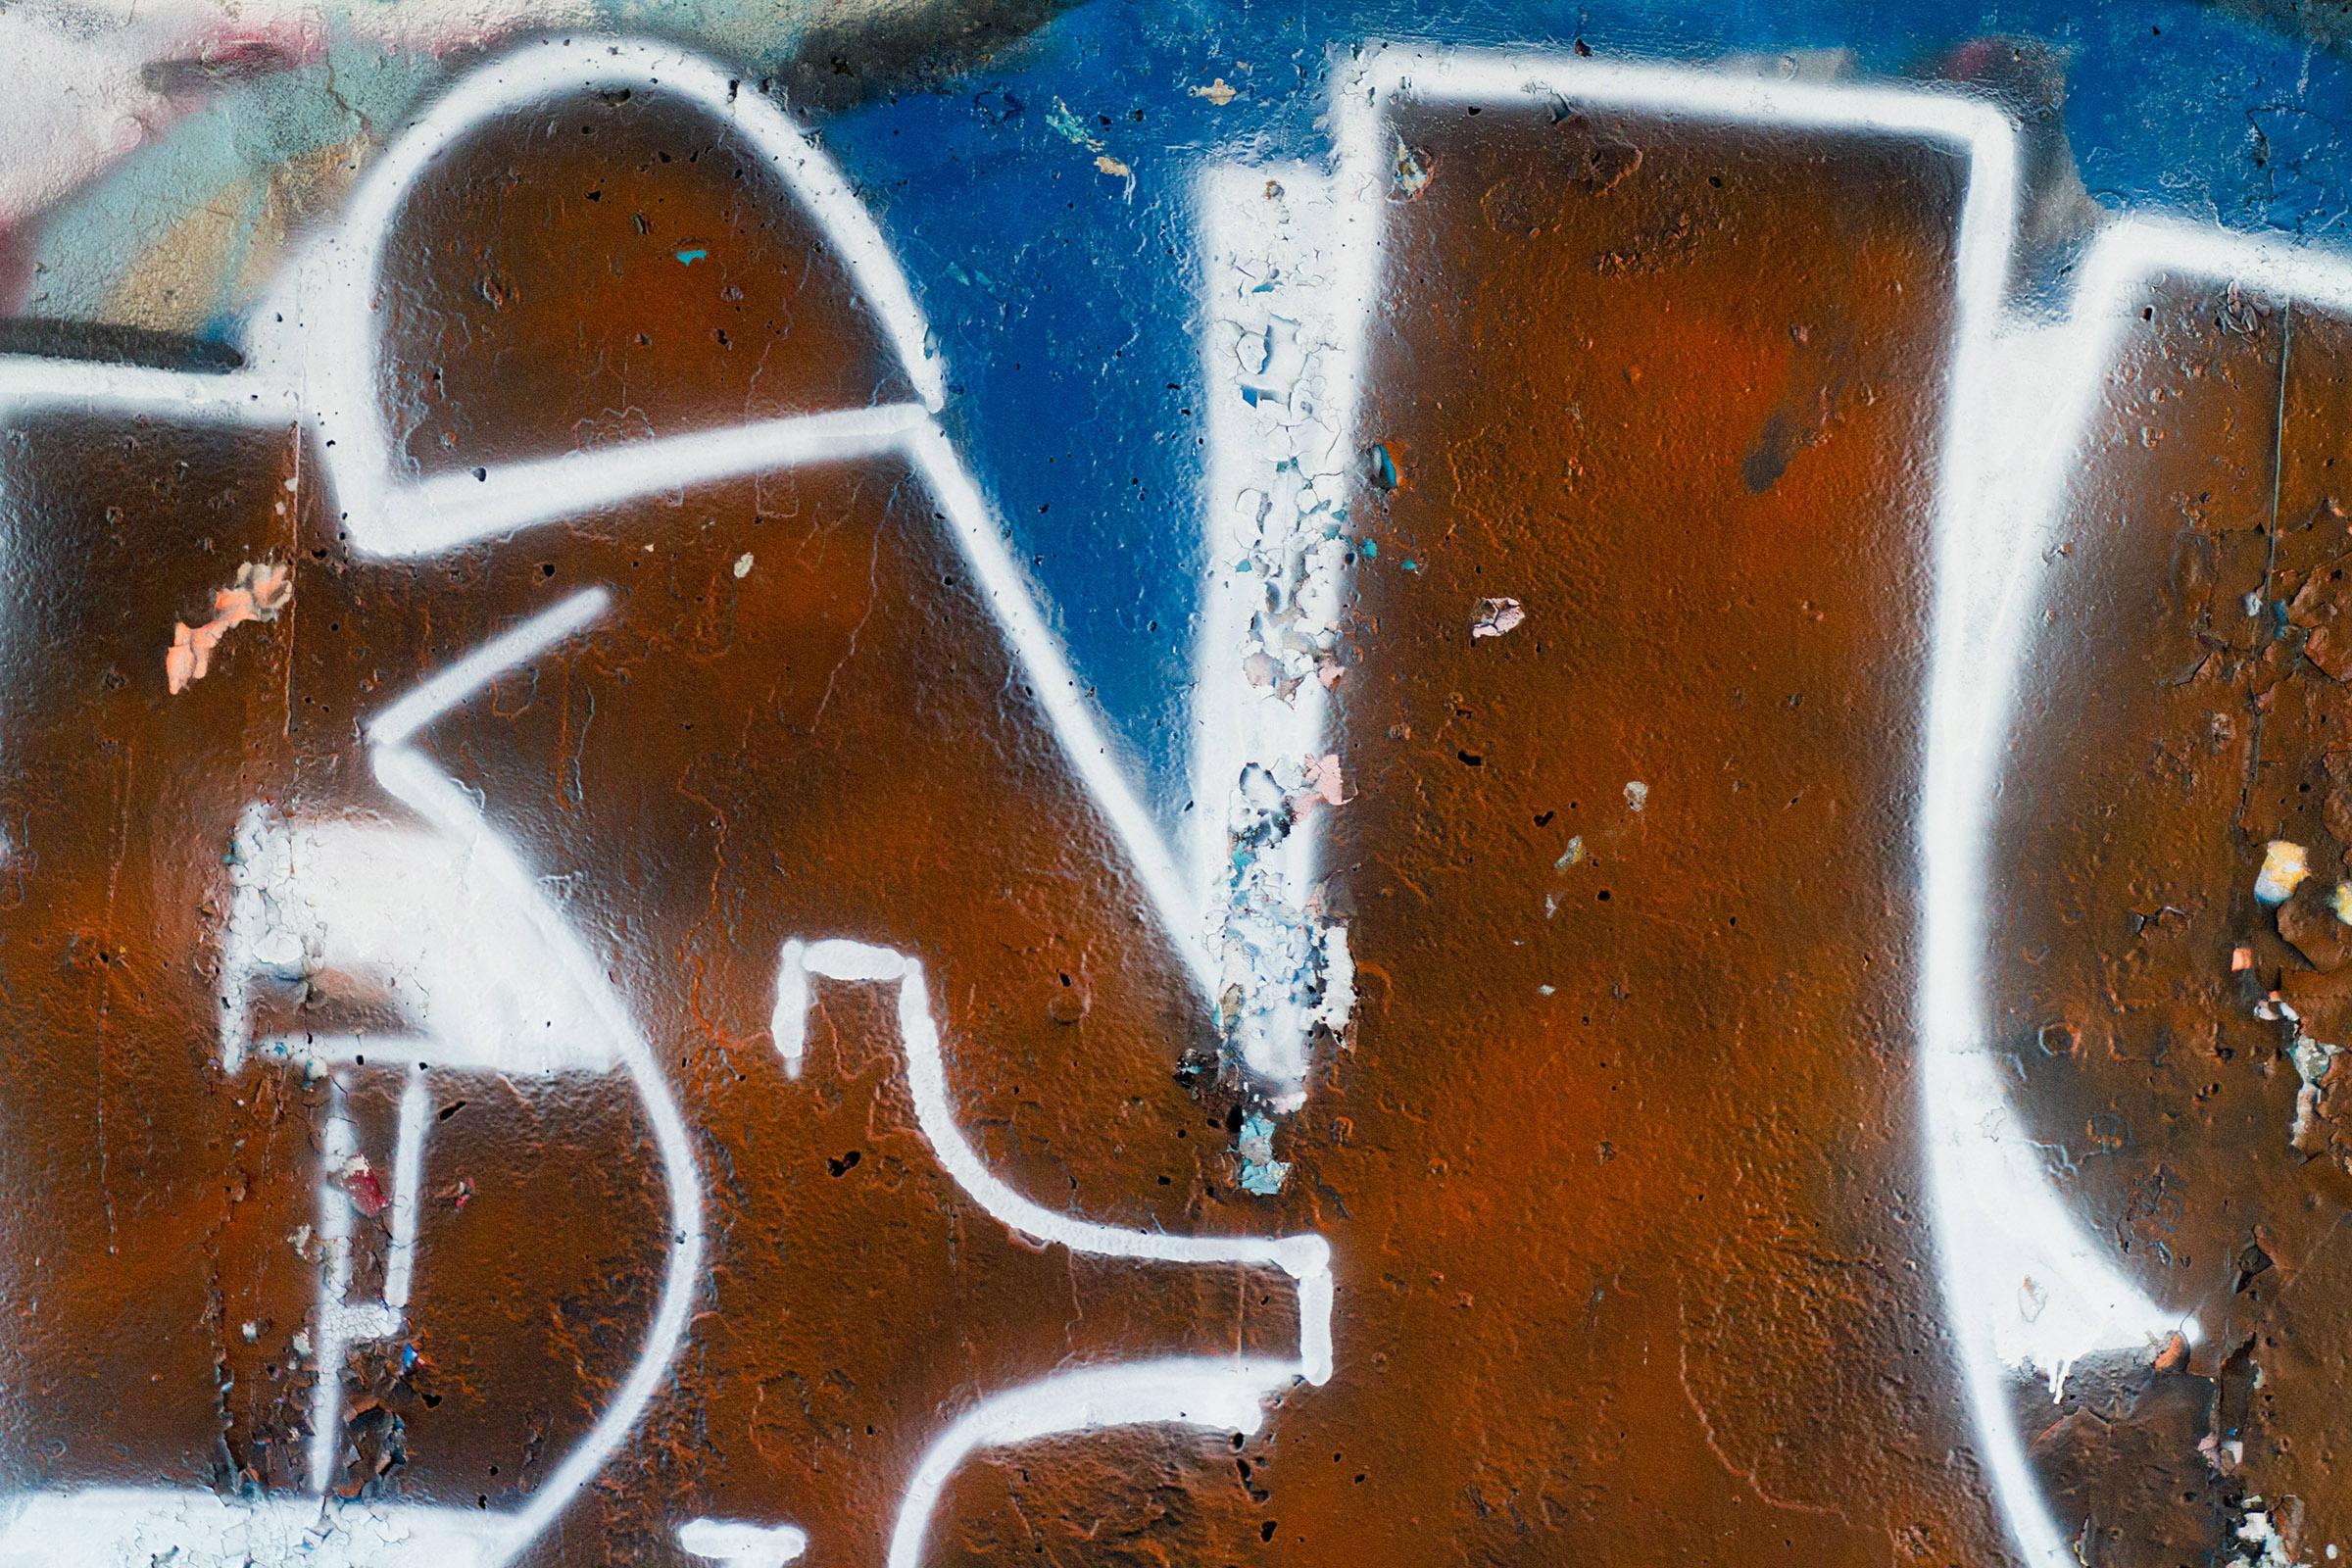 Graffiti, Abstract, Scene, Multi, Obsolete, HQ Photo